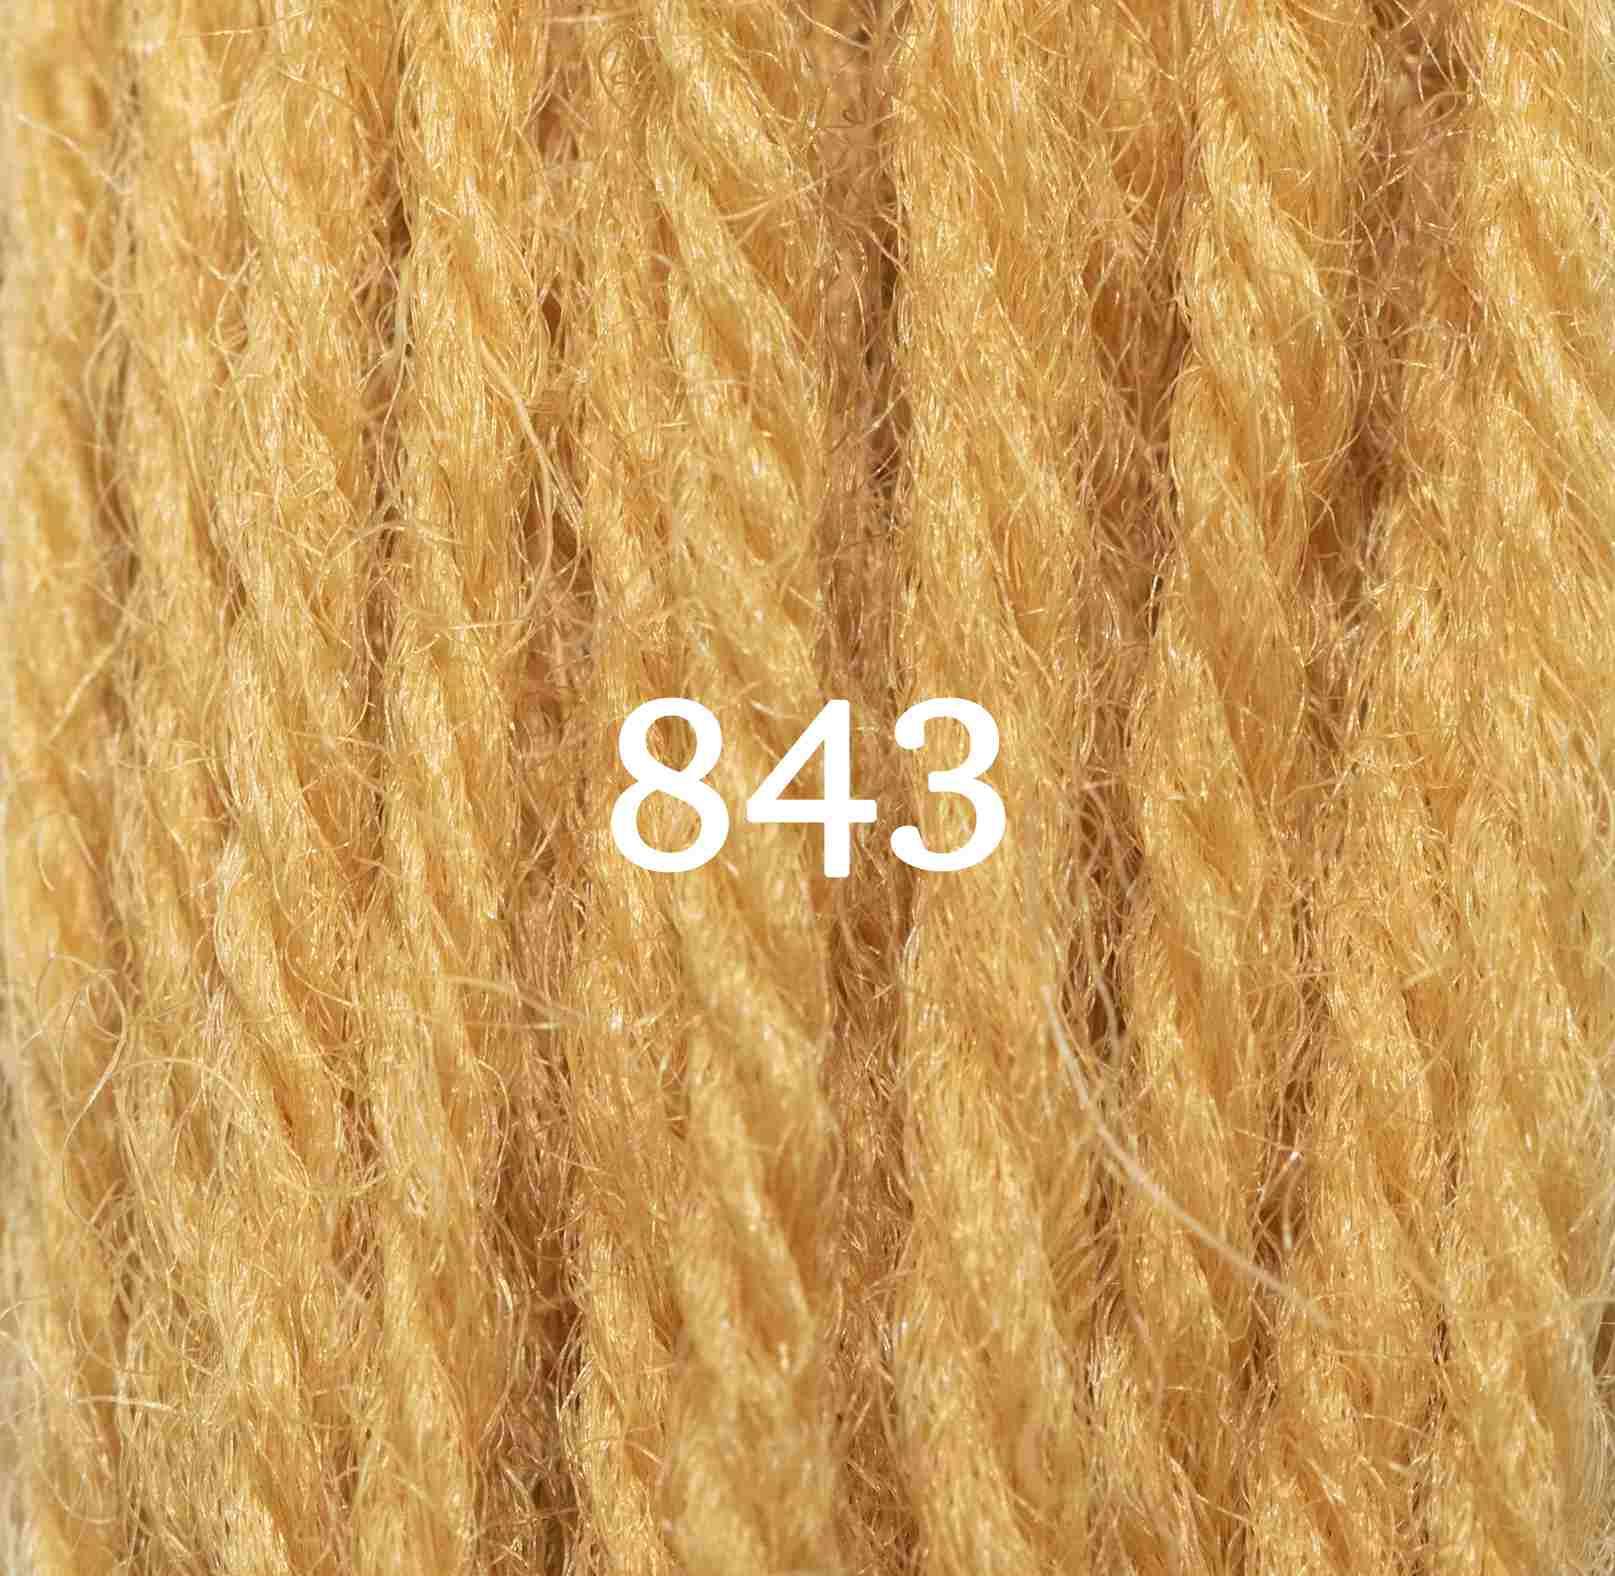 Heraldic-Gold-843